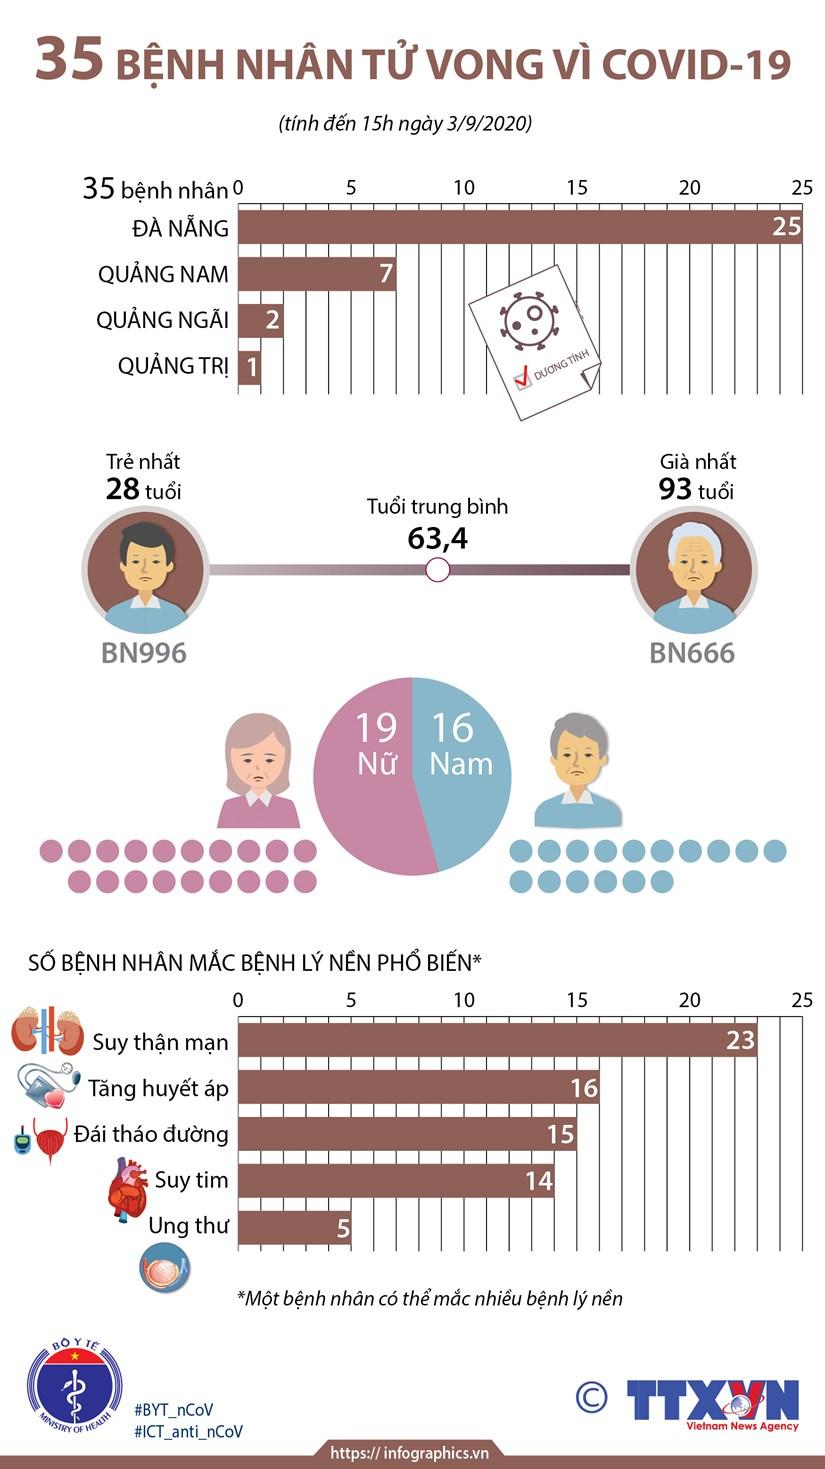 [Infographics] Viet Nam ghi nhan 35 benh nhan tu vong vi COVID-19 hinh anh 1